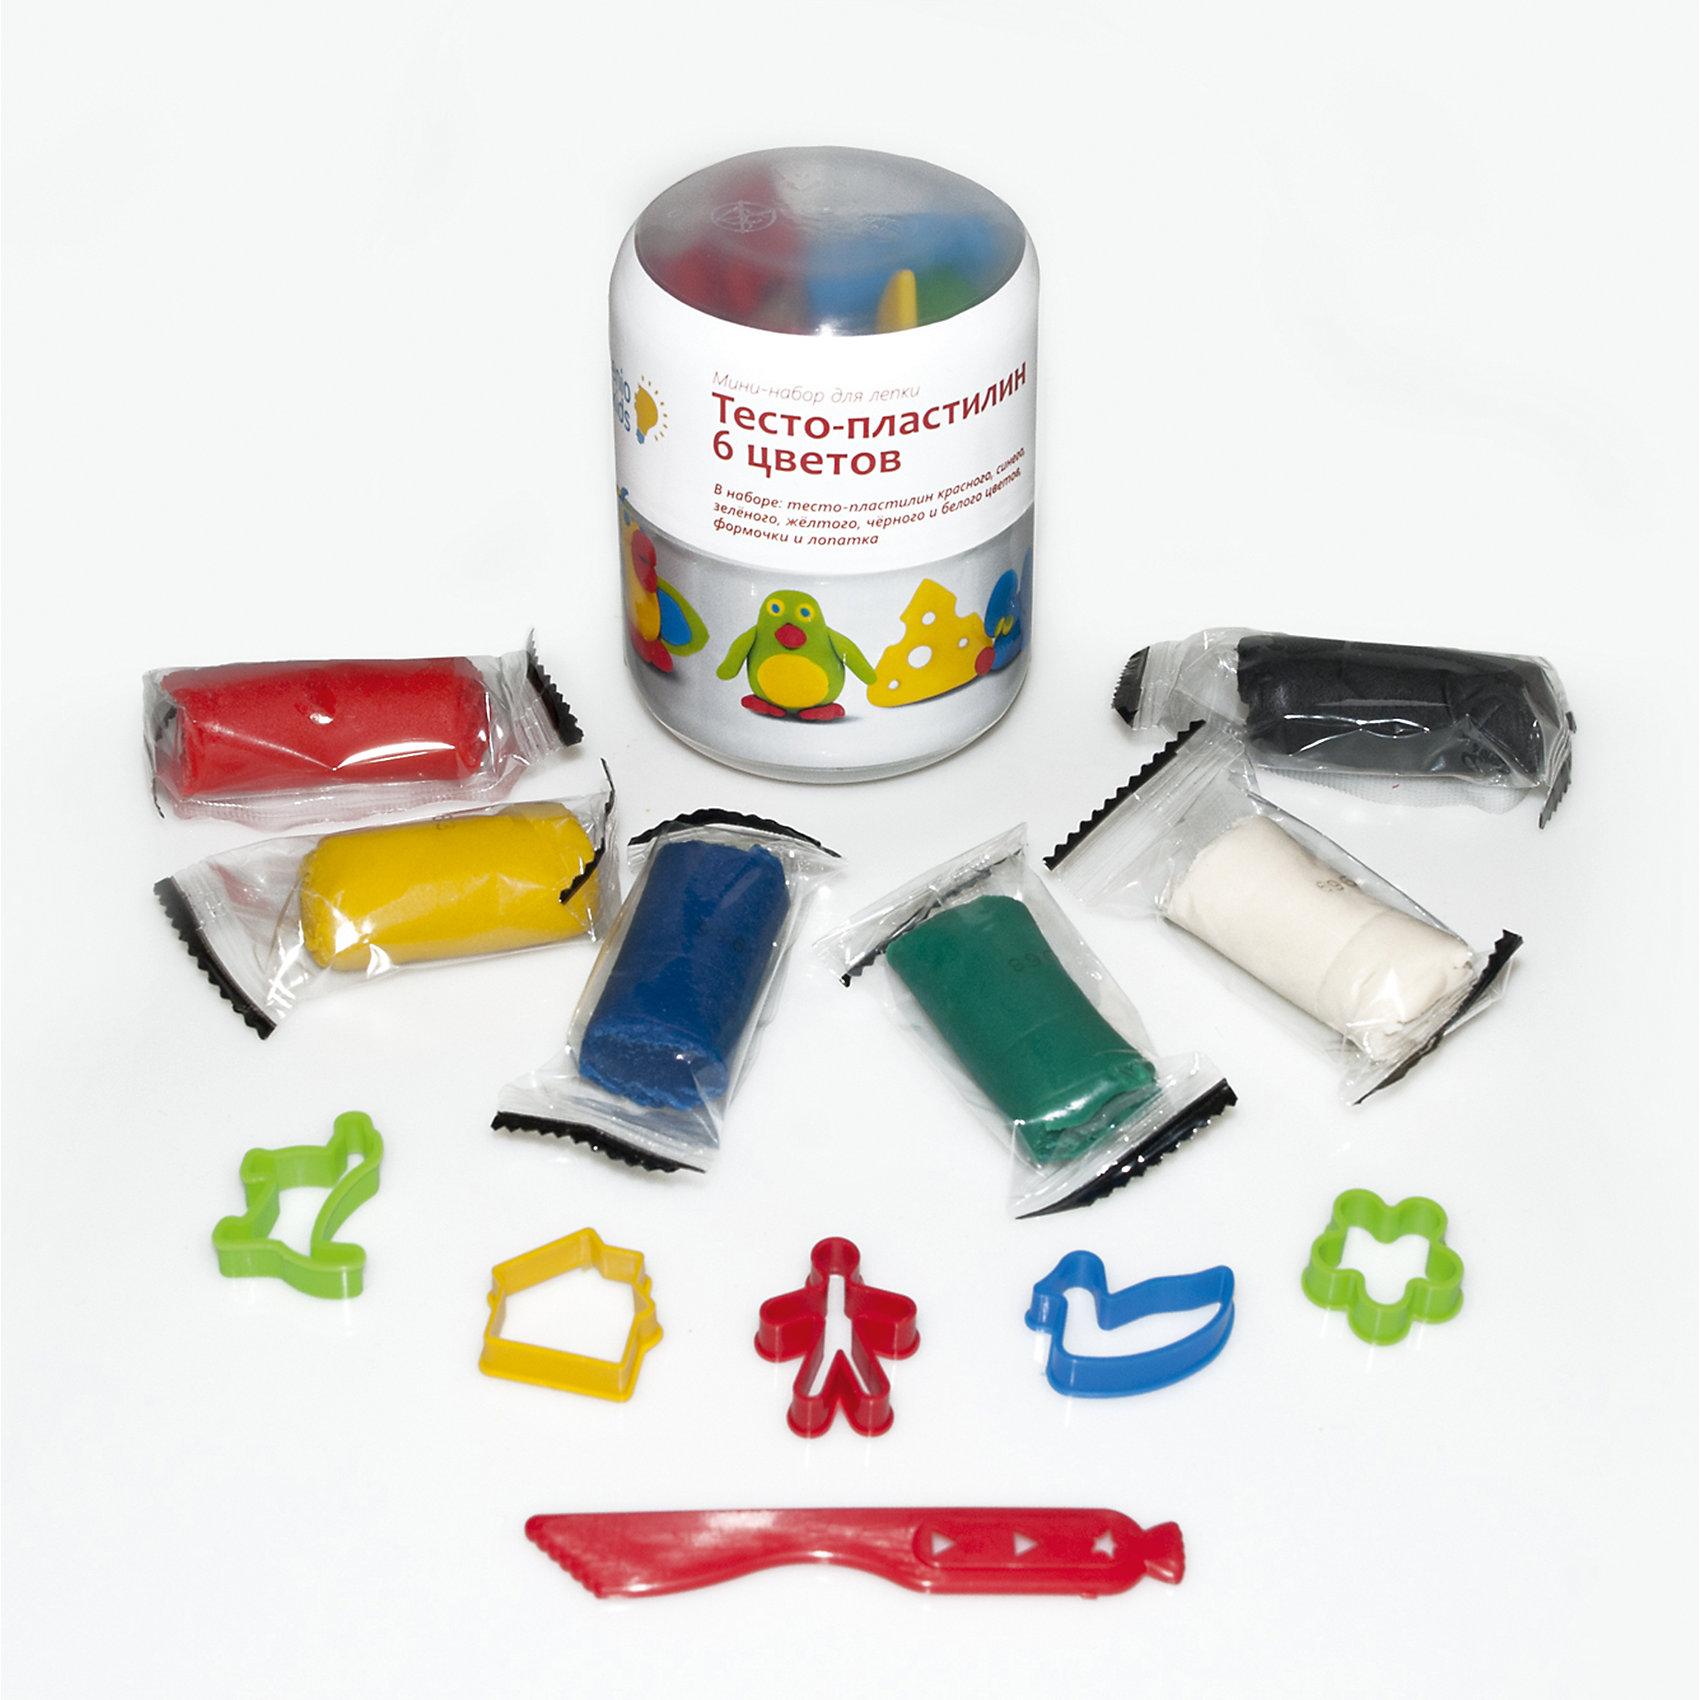 Мини-набор для лепки Тесто-пластилин, 6 цветовПринадлежности для творчества<br>Лепка - прекрасное занятие для организации досуга ребенка. Пластилин изготовлен из высококачественных материалов, безопасен для детей, не пачкает руки, одежду и стол, имеет яркие насыщенные цвета. Лепка идеально подходит для развития мелкой моторики, воображения и творческих способностей детей разного возраста.<br><br>Дополнительная информация:<br><br>- Материал: пластилин, пластик. <br>- Состав пластилина: мука, вода, крахмал, соль, лецитин, ароматизатор, краситель.<br>- Размер упаковки: 6 x 6 x 8 см.<br>- В комплекте: тесто-пластилин (6 цветов), формочки (10 шт), стек (2 шт).<br>- Цвет пластилина: красный, синий, зеленый, желтый, черный, белый.<br><br>Мини-набор для лепки Тесто-пластилин, 6 цветов, можно купить в нашем магазине.<br><br>Ширина мм: 70<br>Глубина мм: 70<br>Высота мм: 90<br>Вес г: 140<br>Возраст от месяцев: 36<br>Возраст до месяцев: 120<br>Пол: Унисекс<br>Возраст: Детский<br>SKU: 4222231